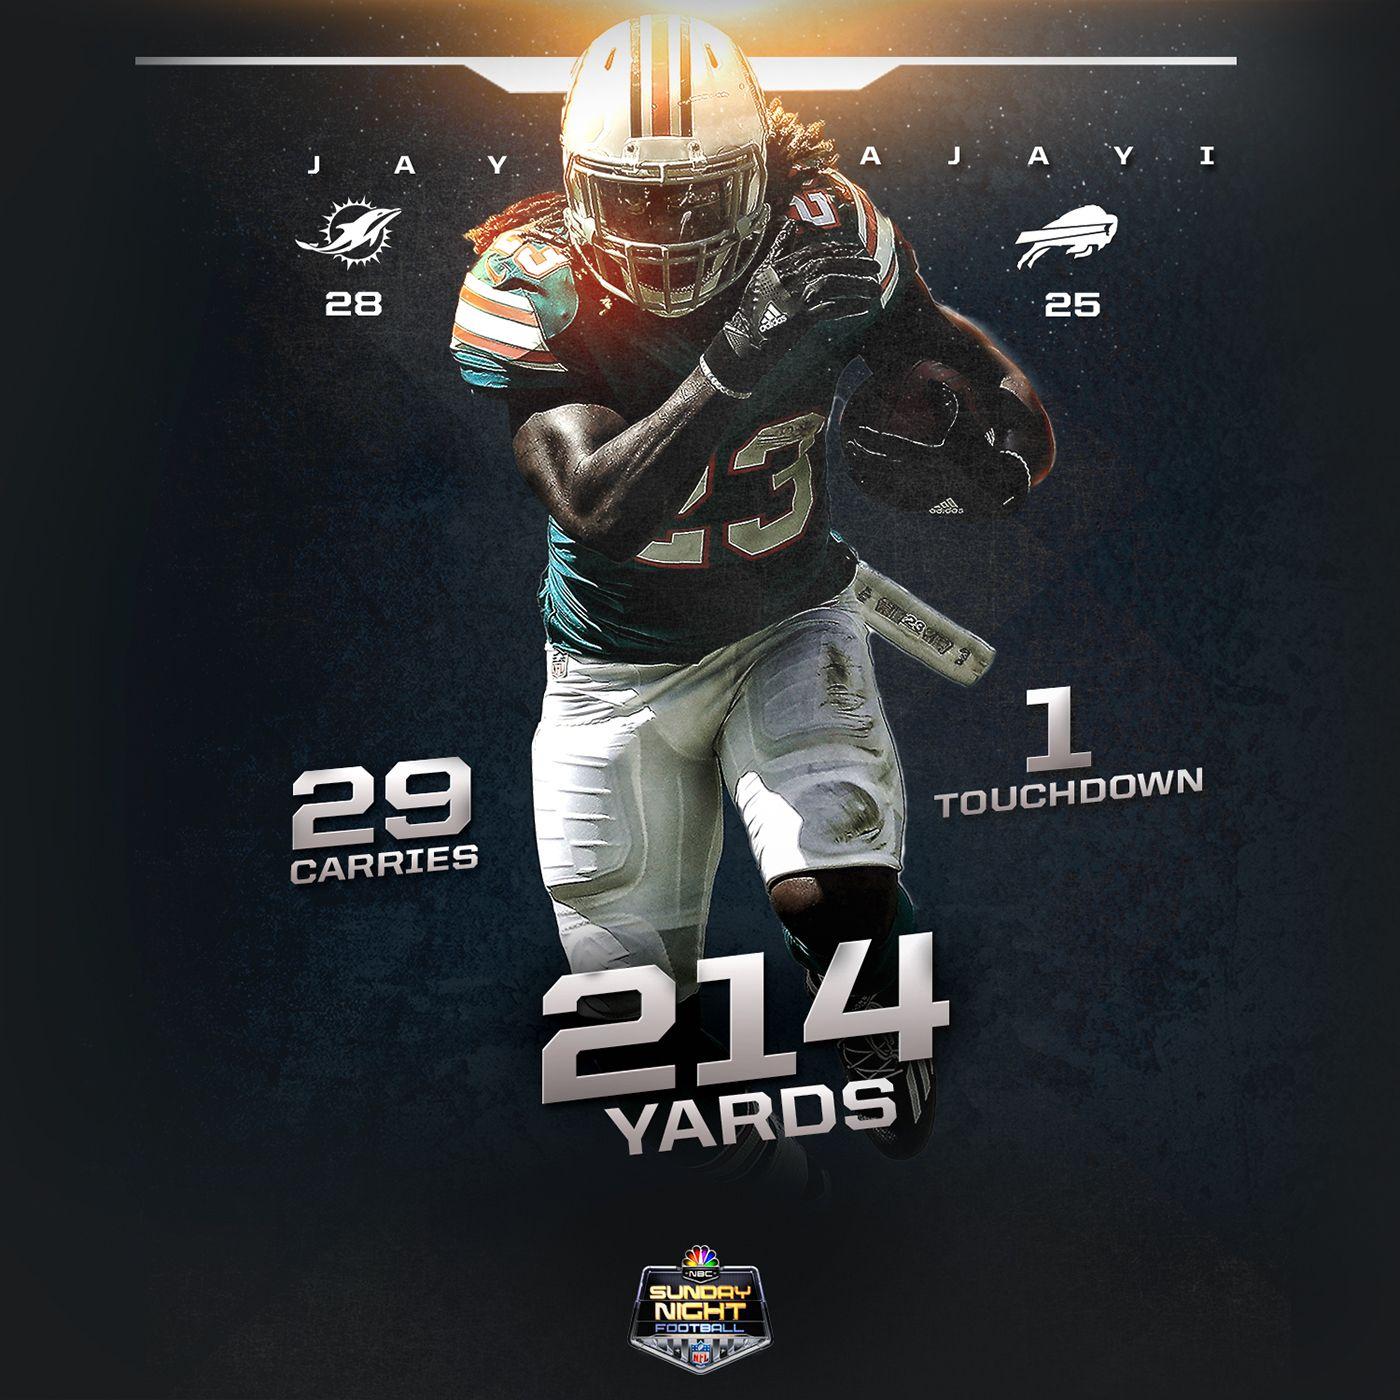 NFL Sunday Night Football Social Media Graphics 2 on